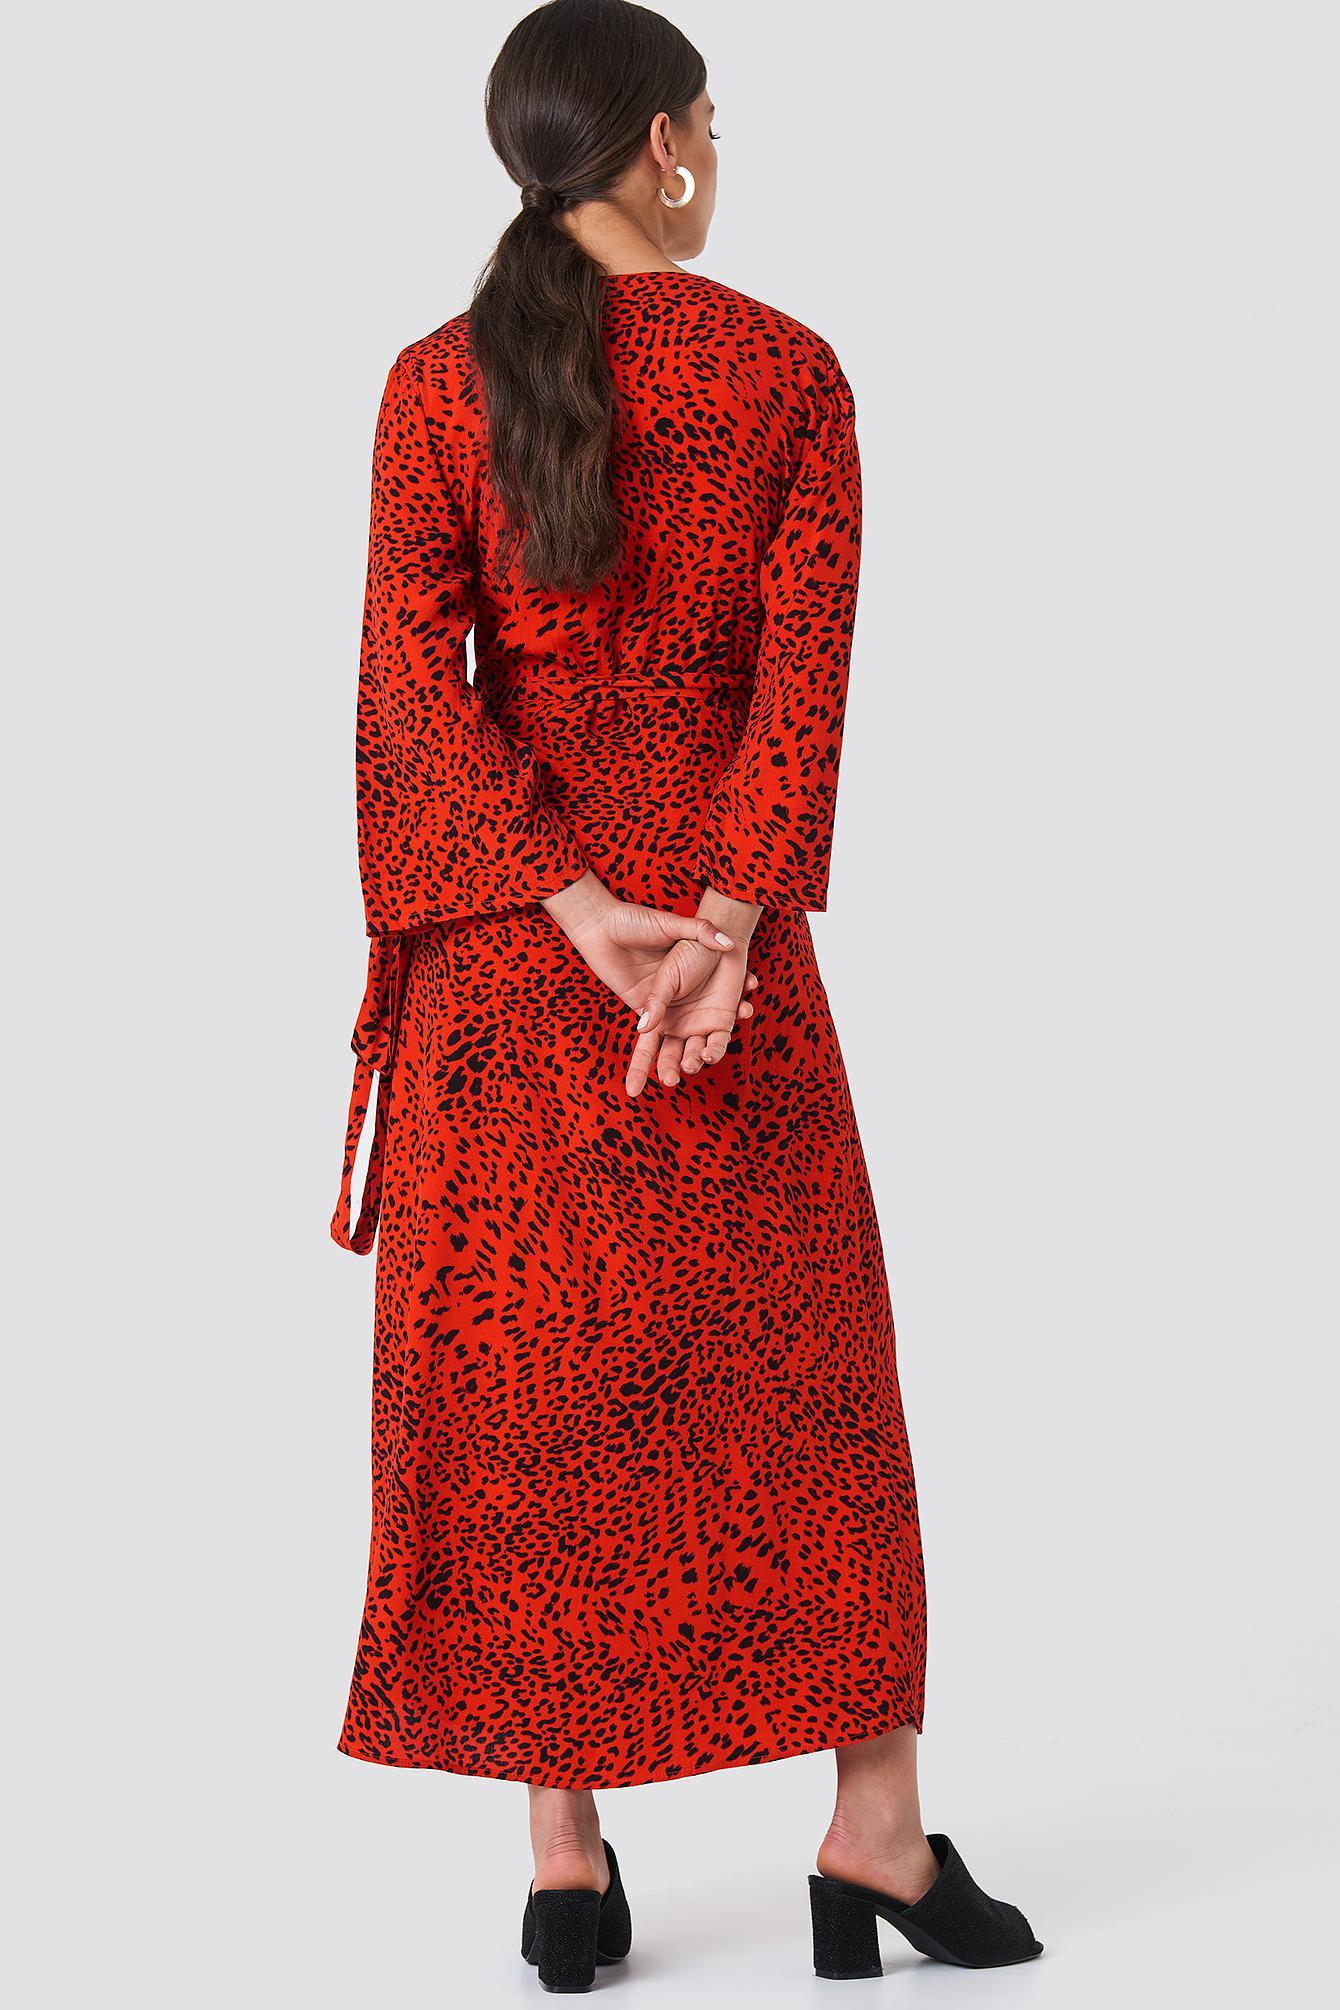 abeb66abbea4 Gestuz Loui Dress Red Leopard in Red - Lyst